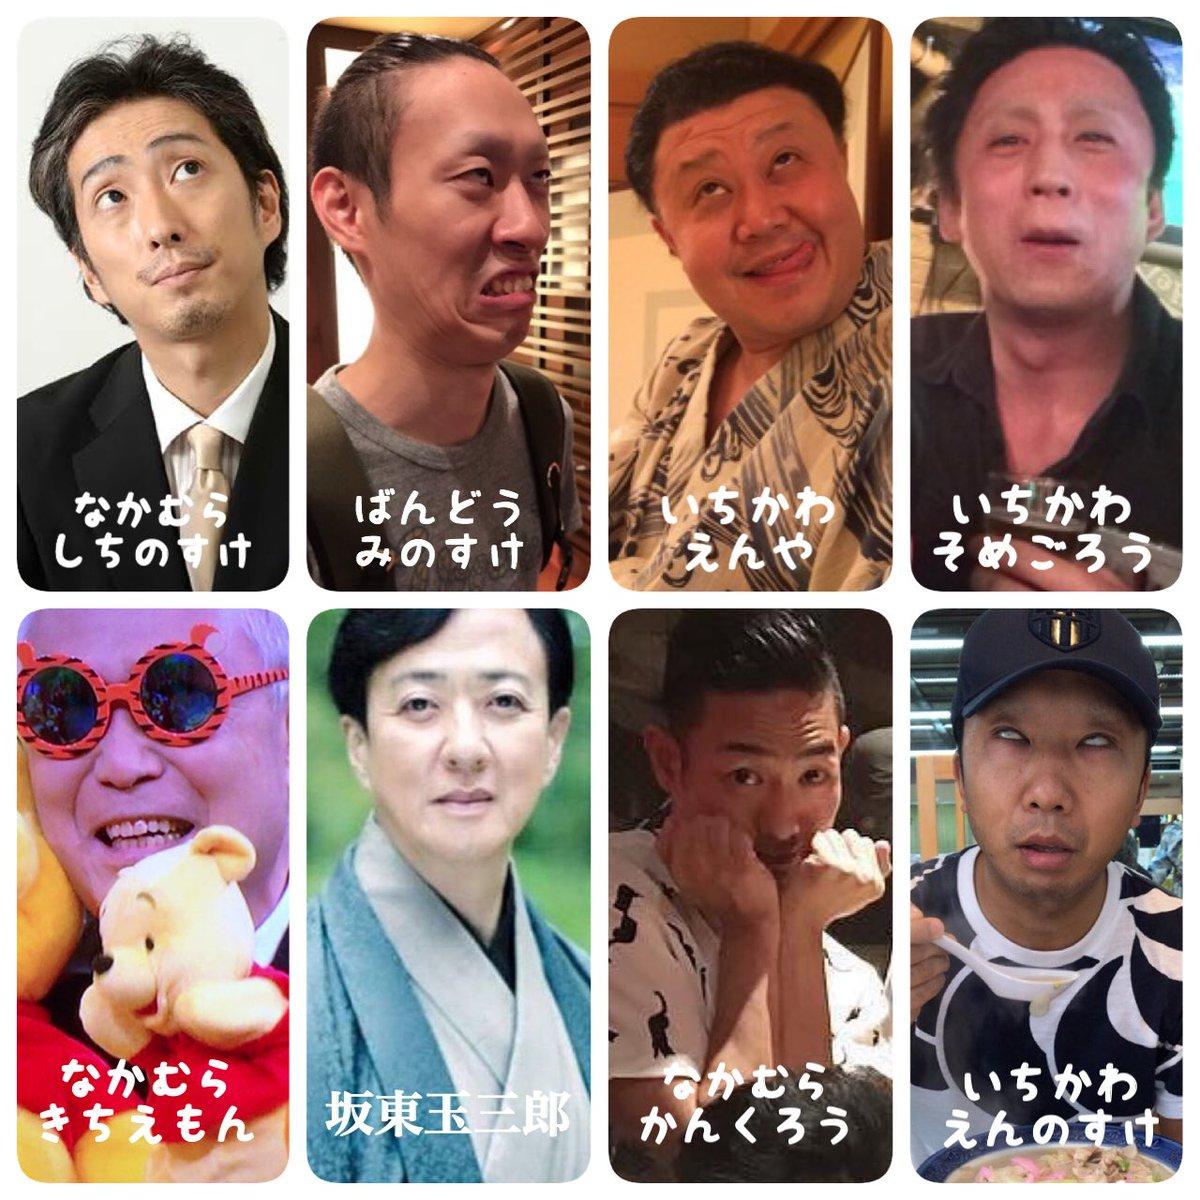 歌舞伎俳優のON・OFFの表情の違いwww顔が全然違ってるwww